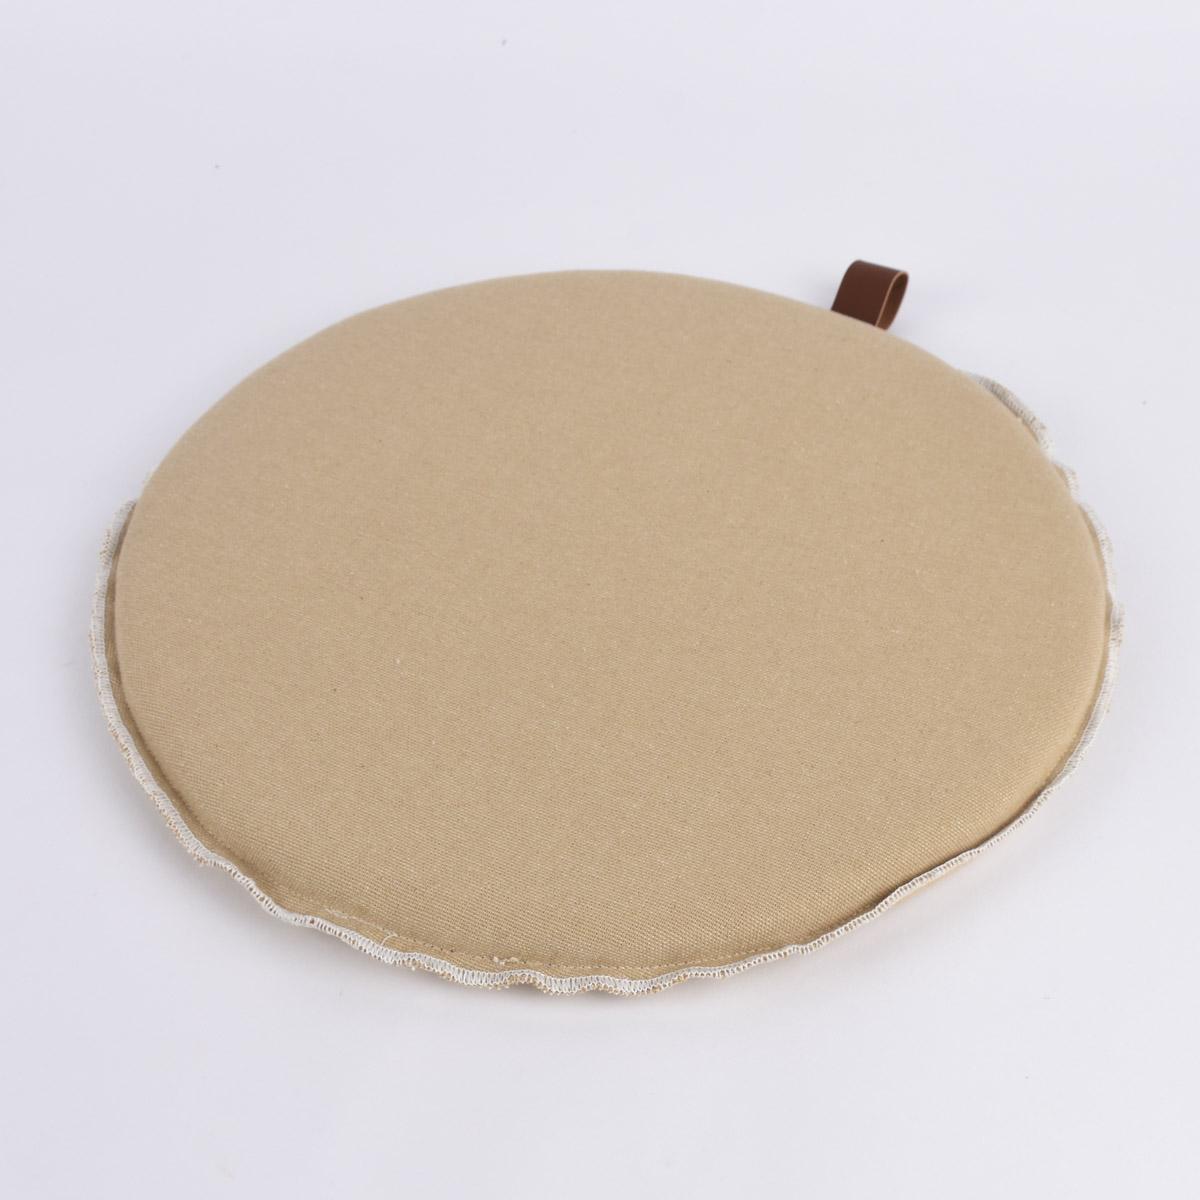 Stuhlkissen rund Schaufe beige 38cm